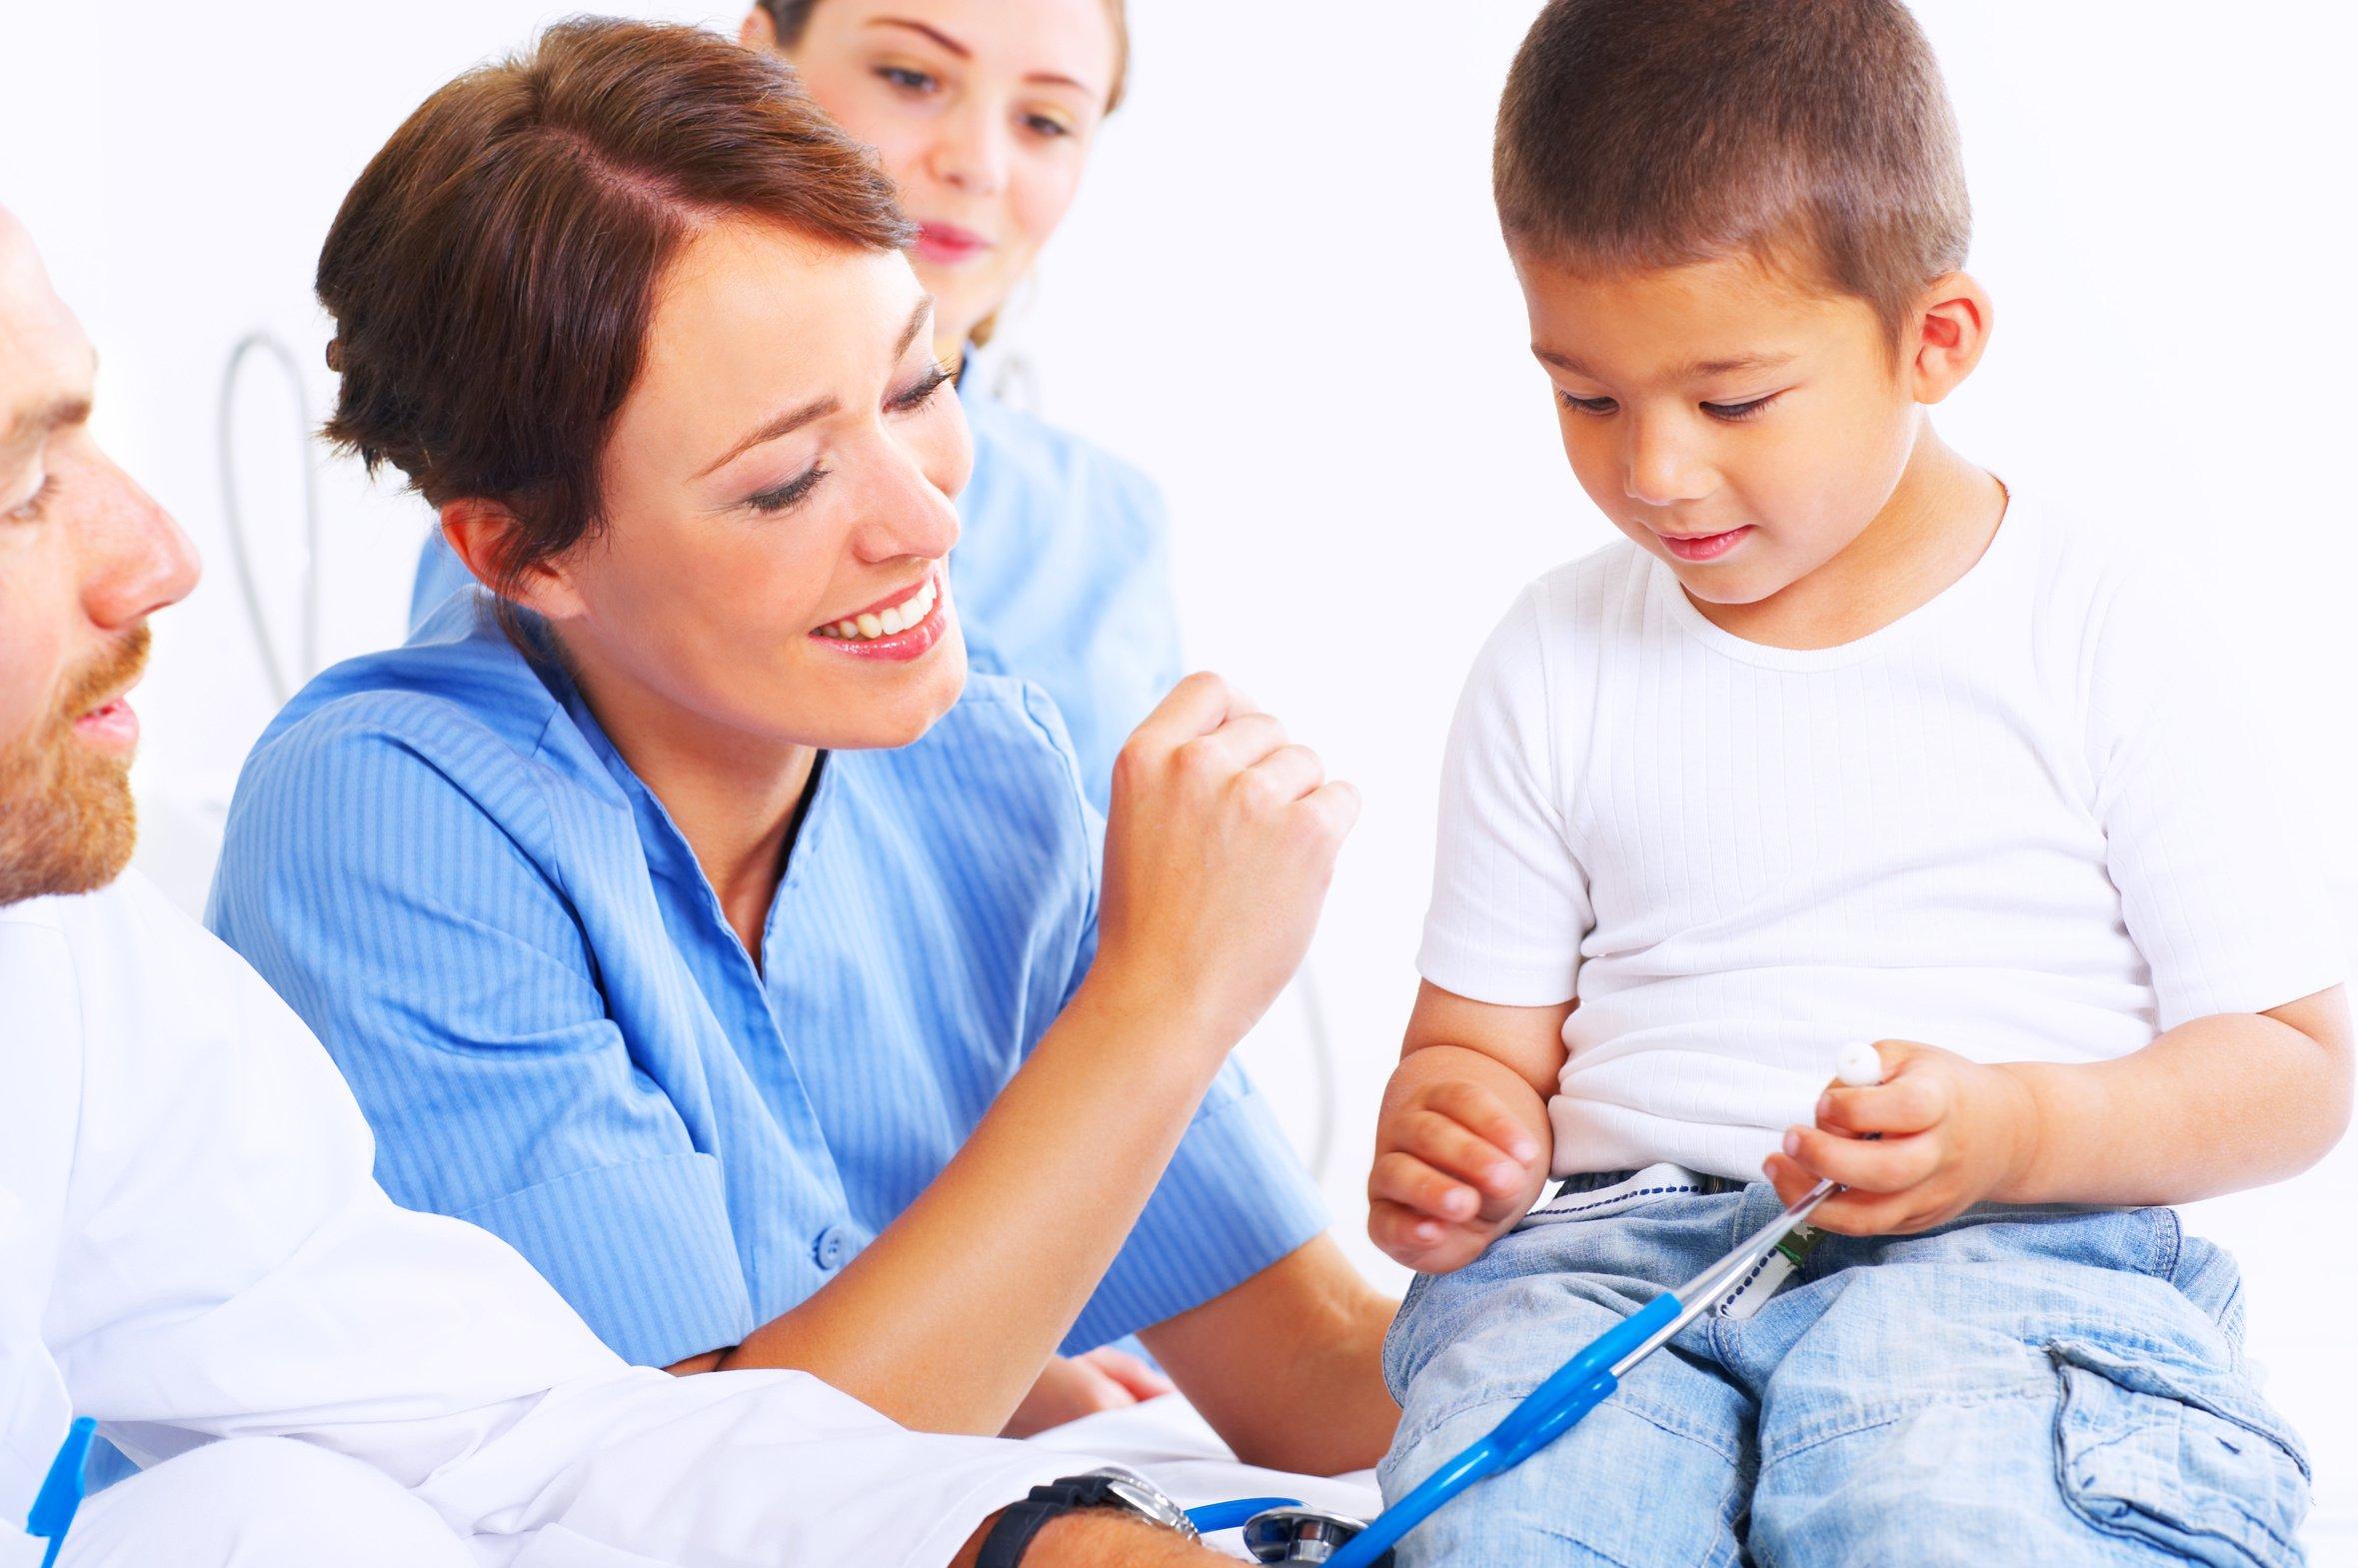 В каких случаях следует показать ребенка эндокринологу?